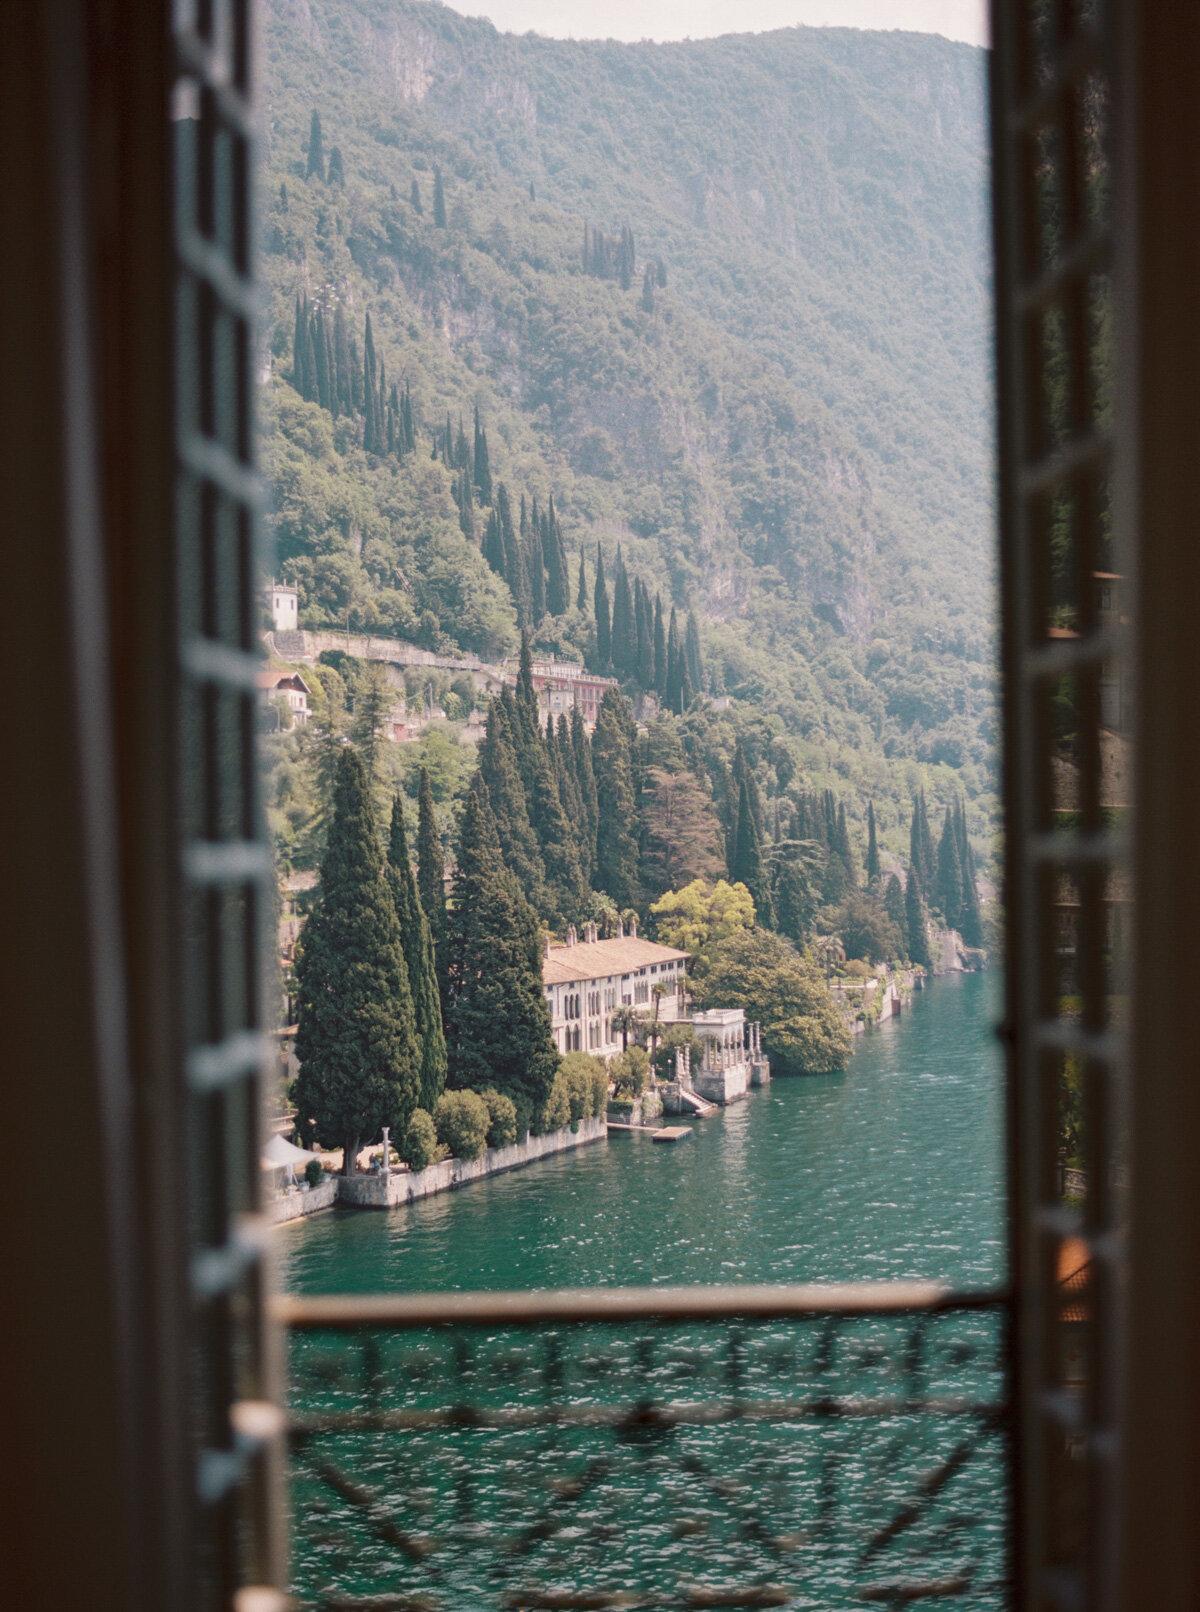 Lake-Como-Villa-Cipressi-Wedding-Katie-Grant-destination-wedding (7 of 93).jpg